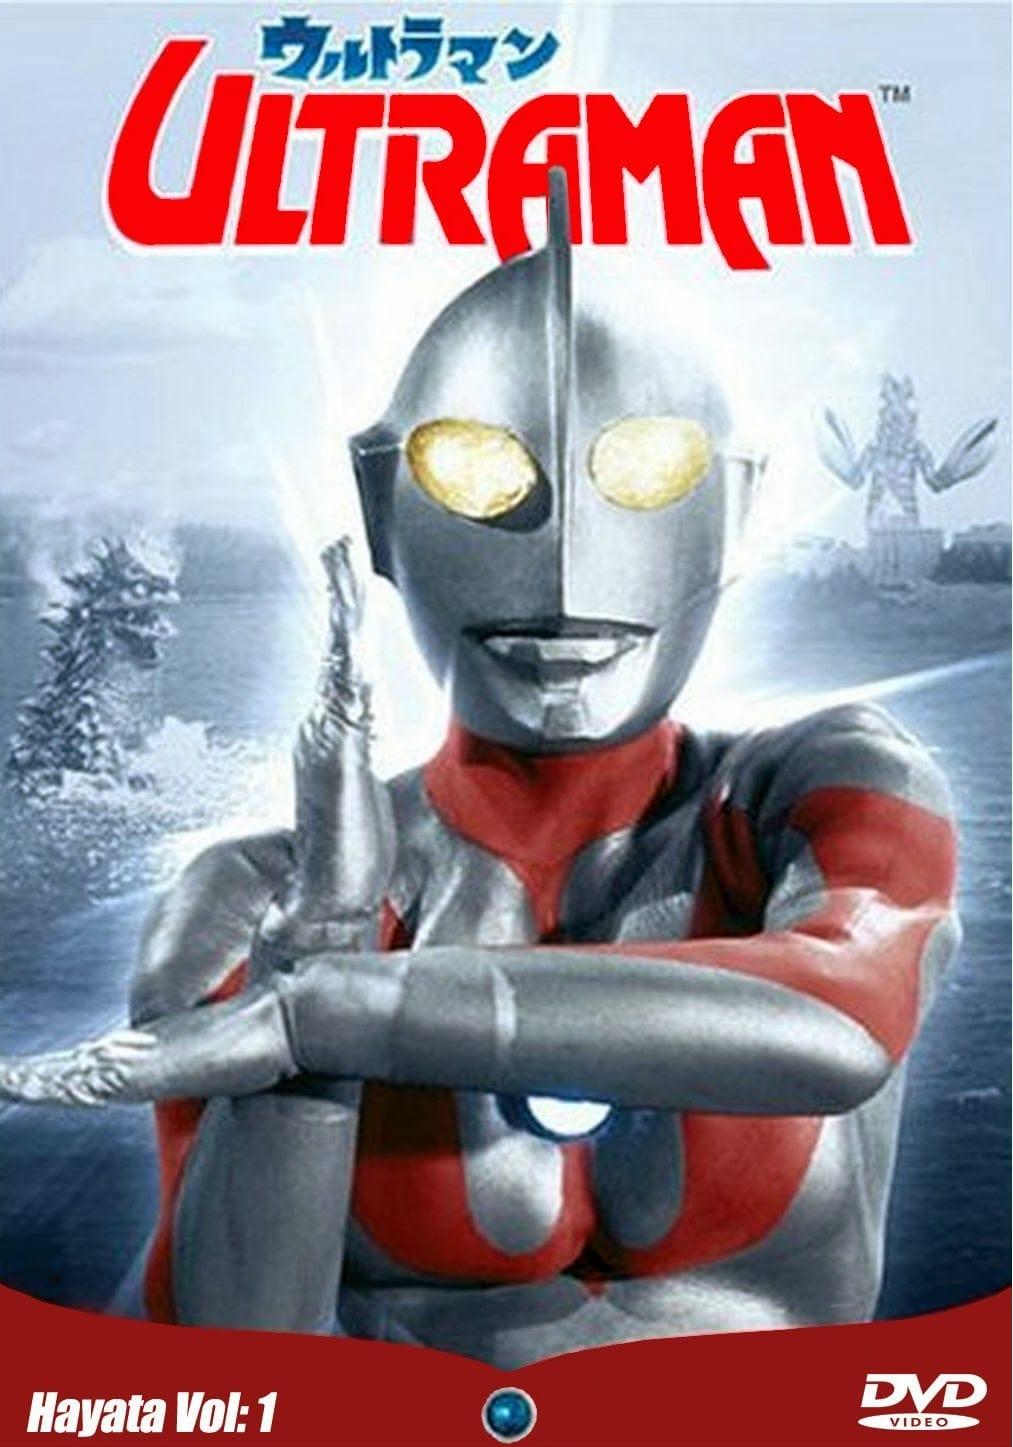 Ultraman: Monster Movie Feature